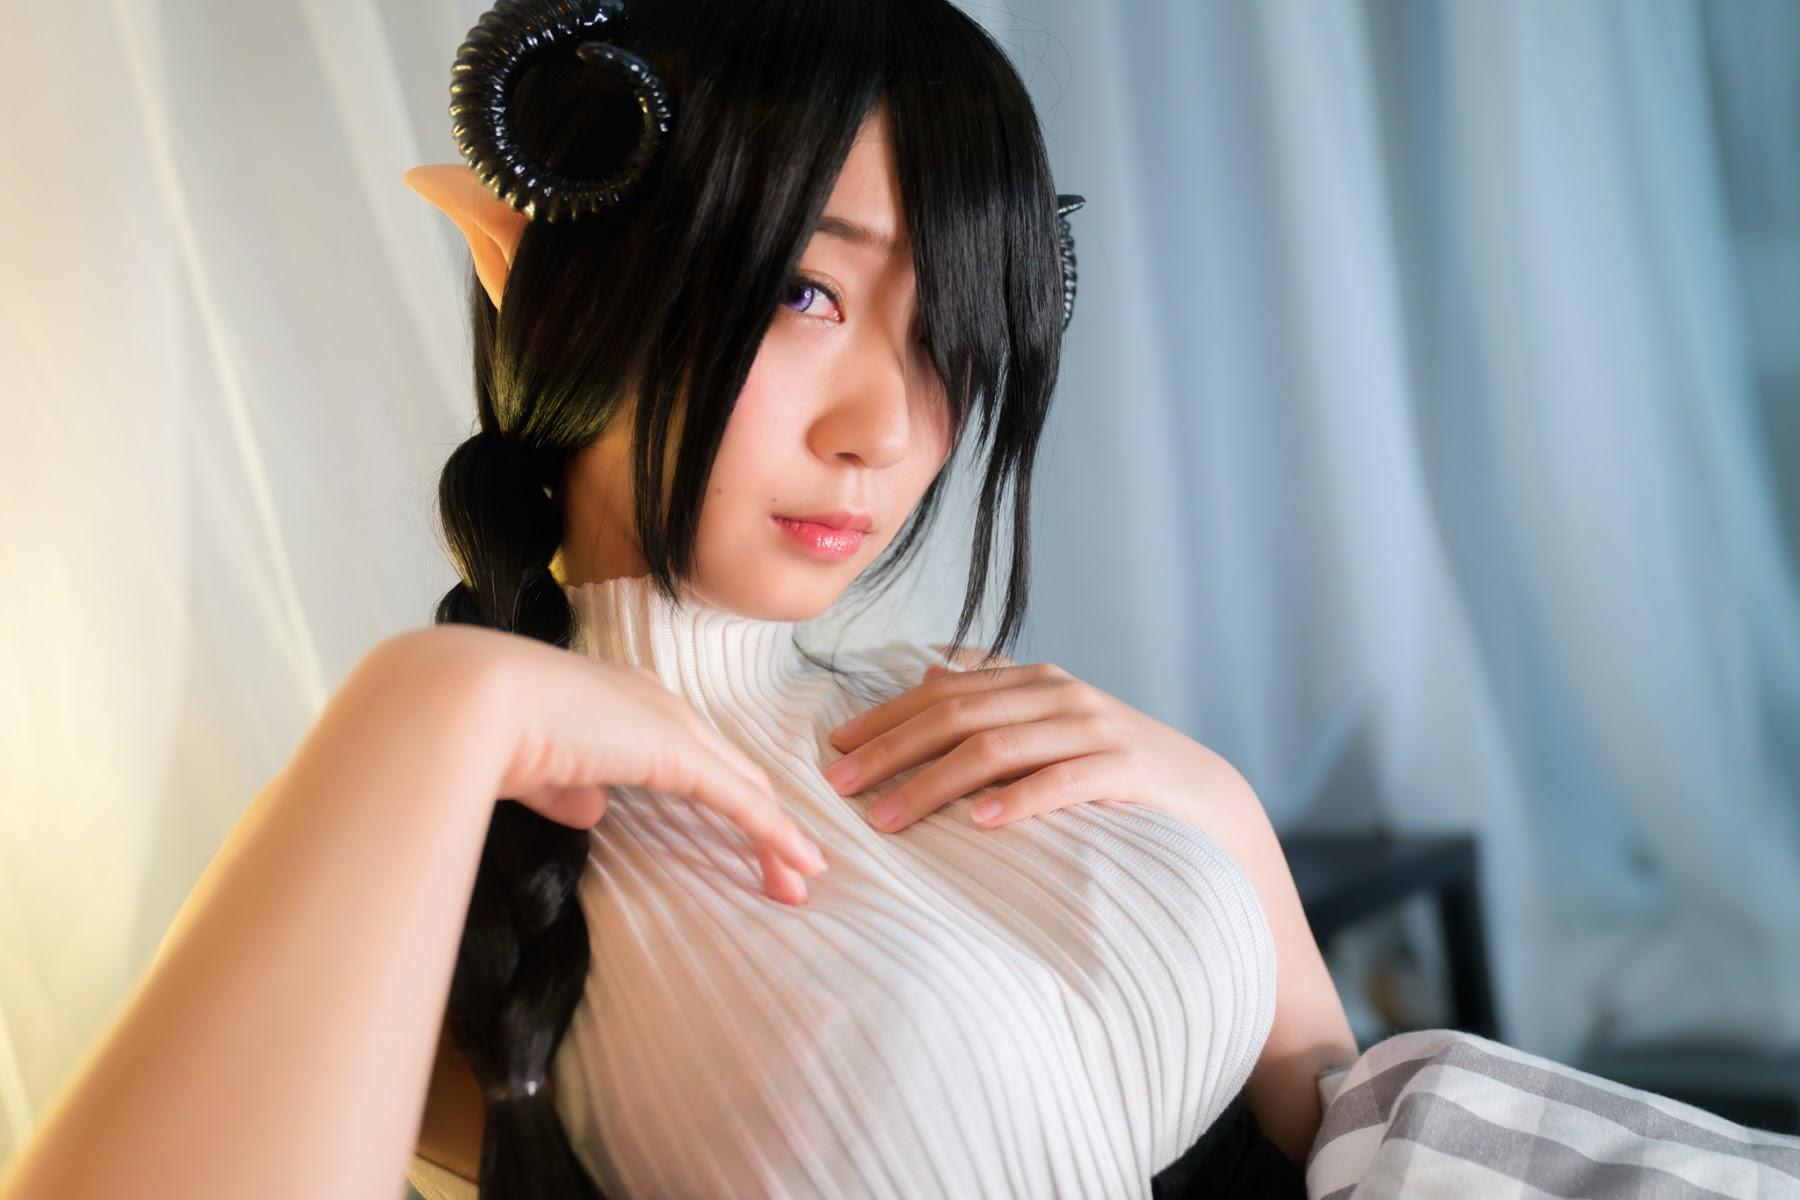 Succubus Girl Moe Iori336